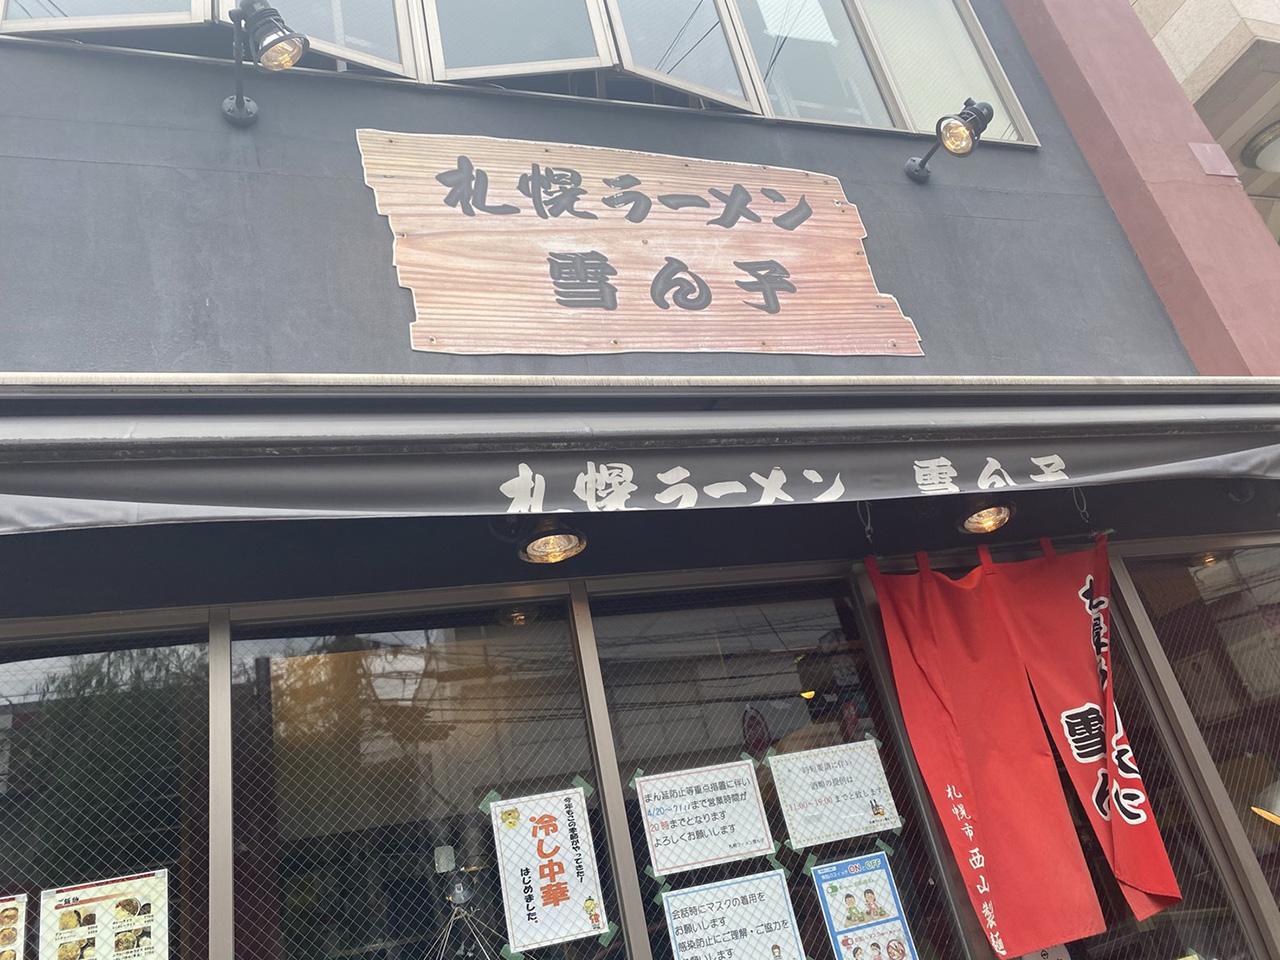 札幌ラーメン 雪ん子の外観